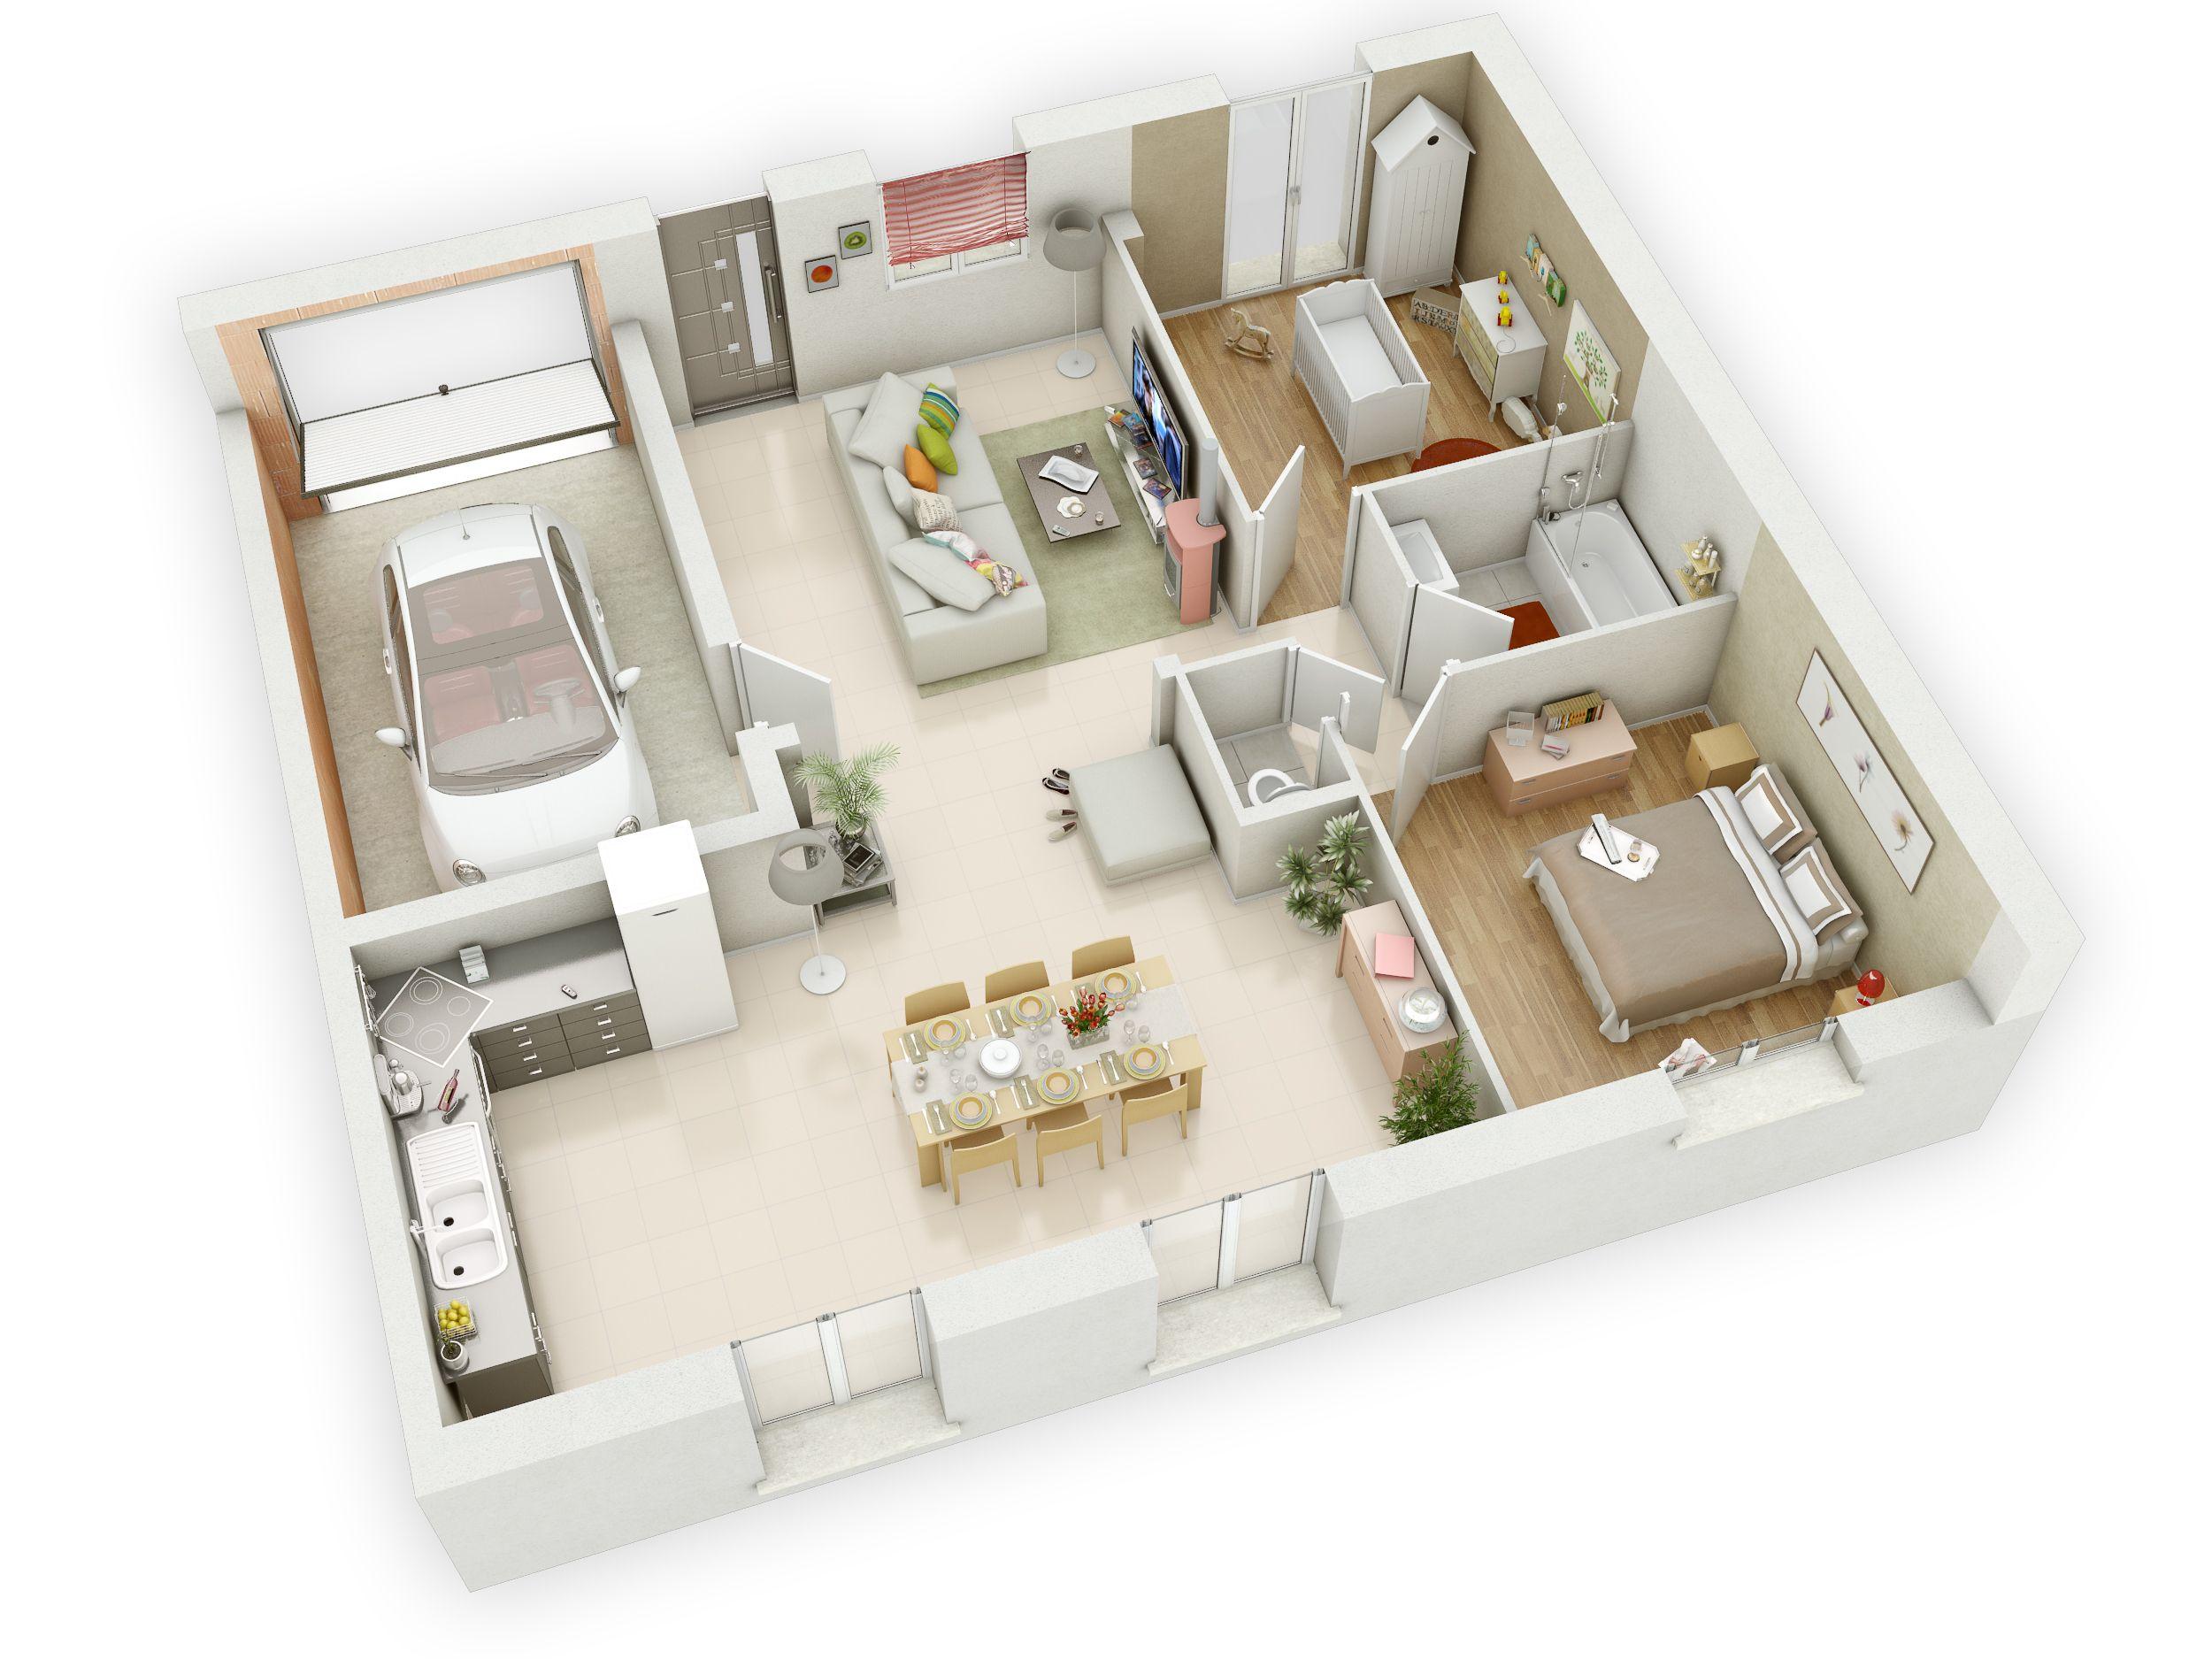 maison mikit plan maison 2 chambres